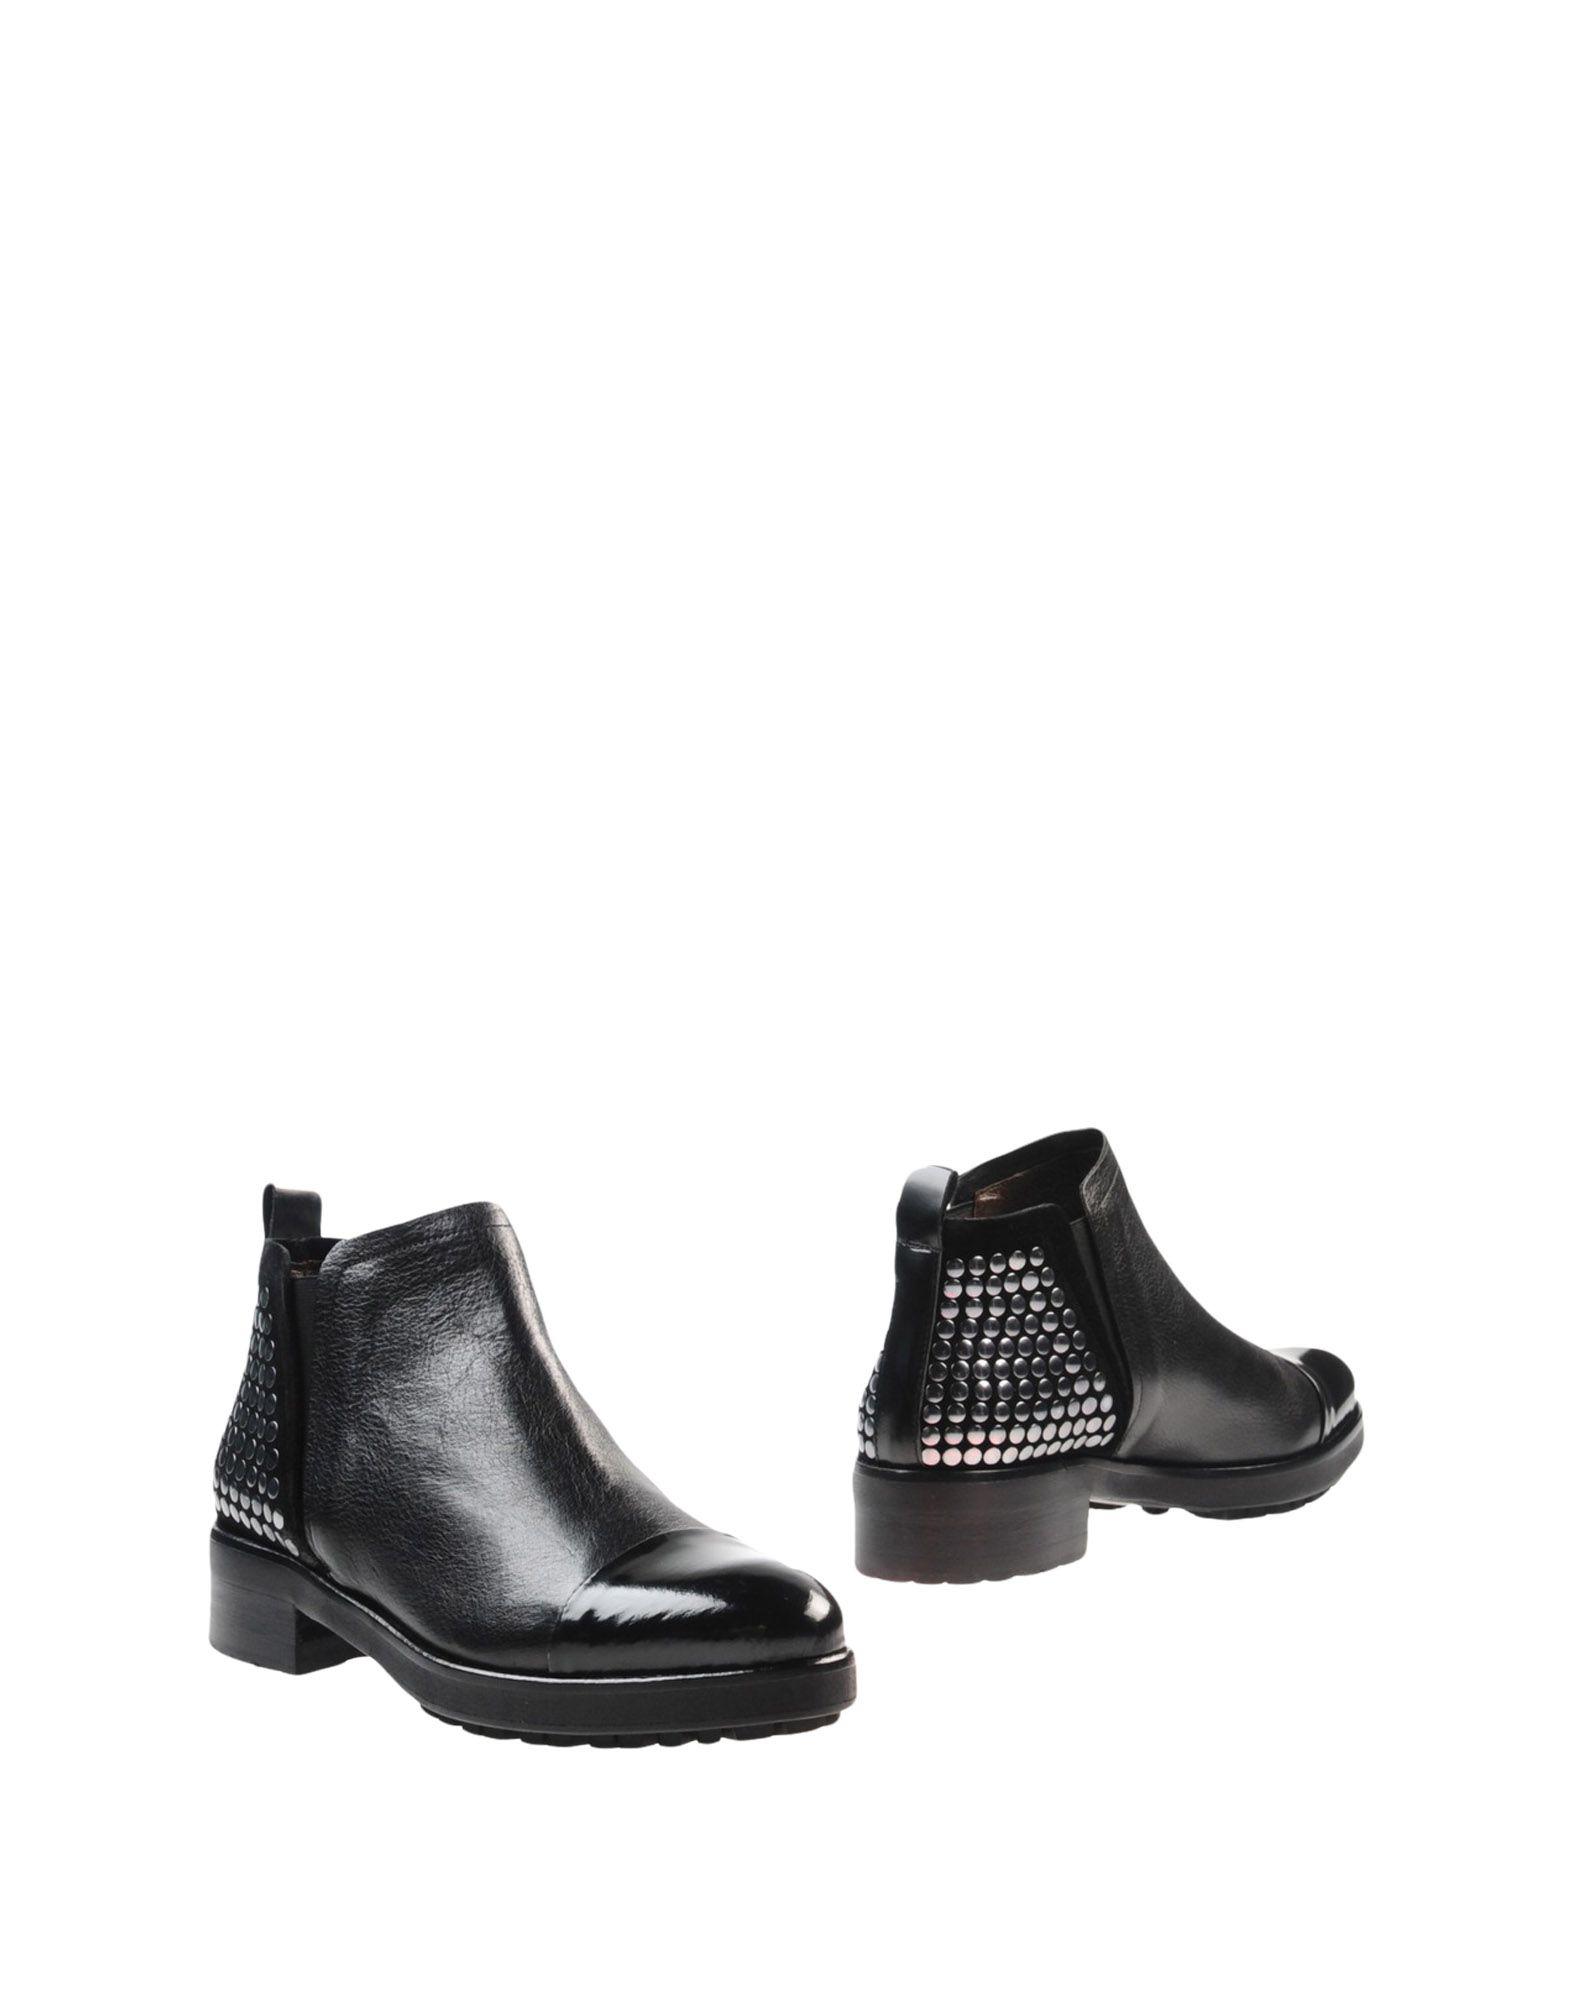 Stilvolle Damen billige Schuhe Zinda Stiefelette Damen Stilvolle  11307680AV 54c4e0